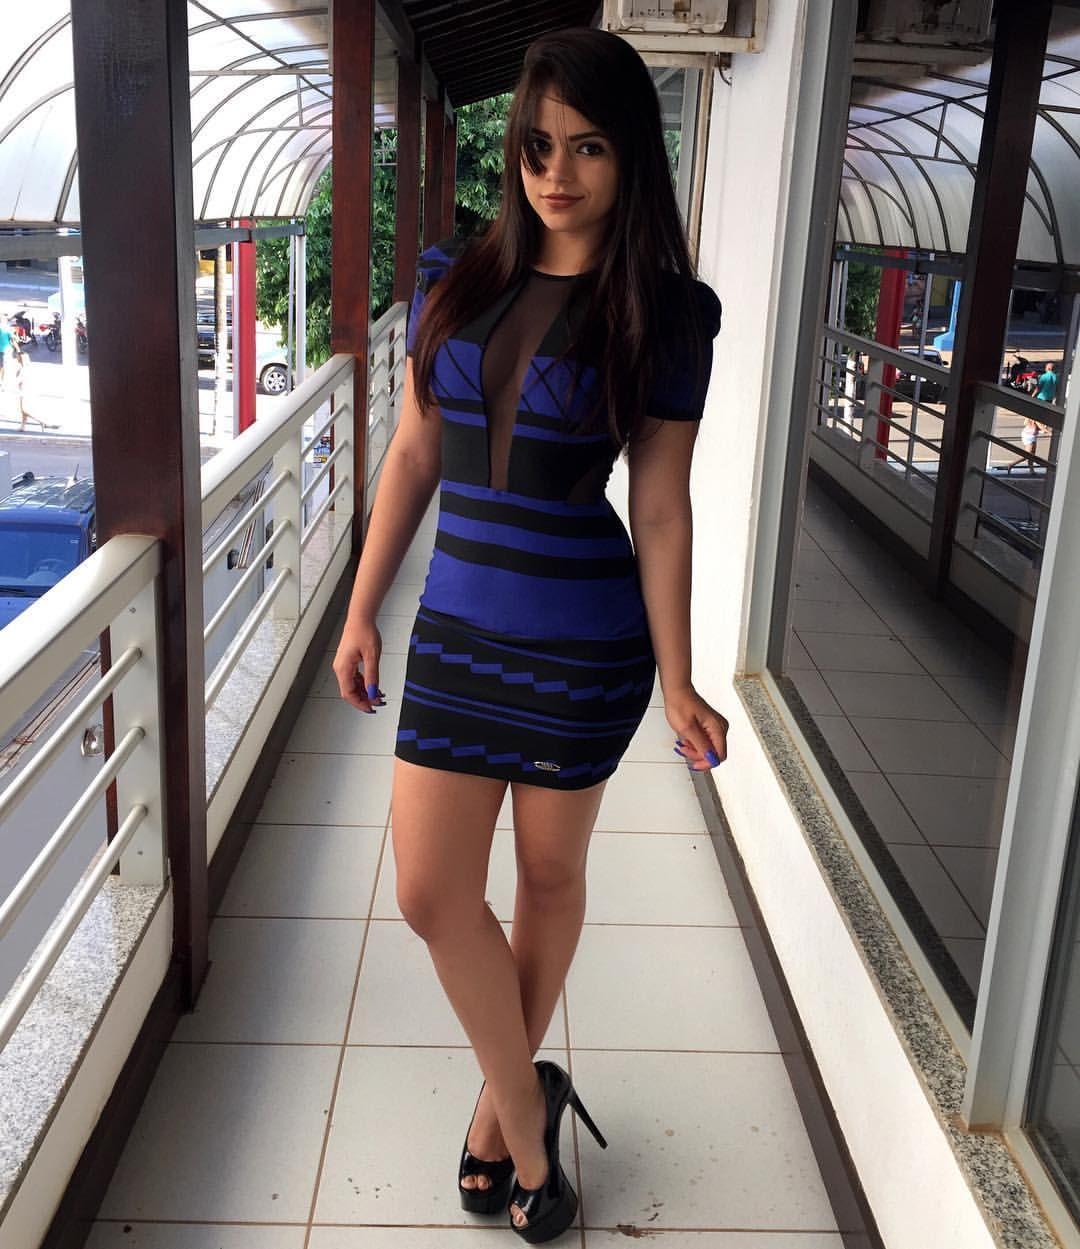 Como não amar decotes com um vestido lindo assim ❤️ Shop Online  Chama a gente no Wpp. 077999019422. Dividimos em ate 4x no cartão. Enviamos para todo Brasil ✈️. Avenida guiomar Porto/ em cima do açaí, ao lado da santander♨️